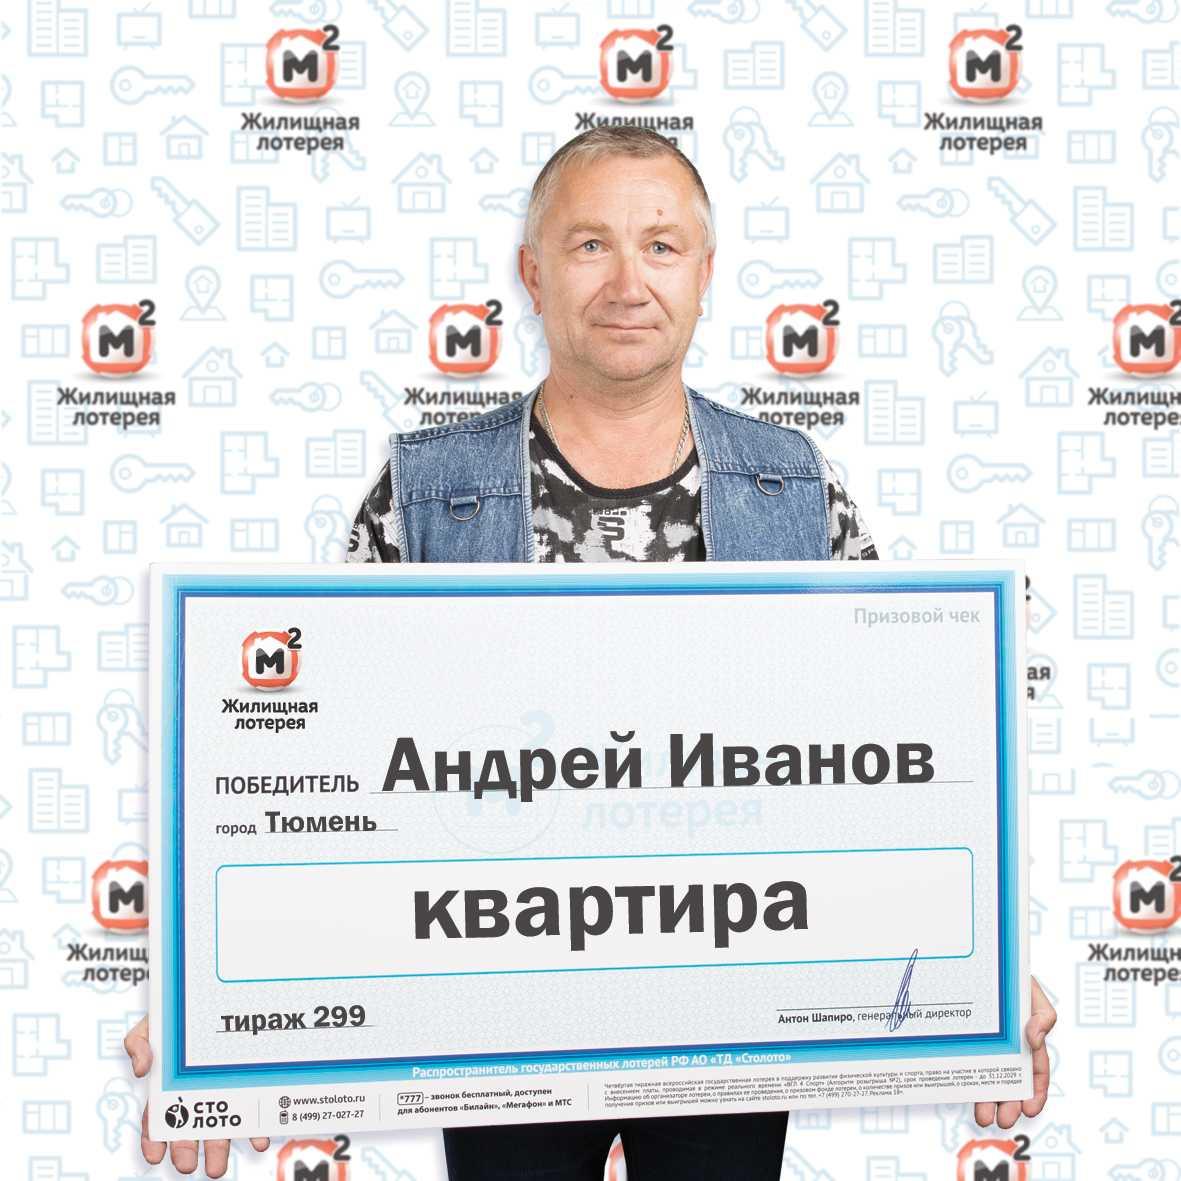 Lotter - recenzje graczy i porównanie z agentem lotto - co jest lepsze?